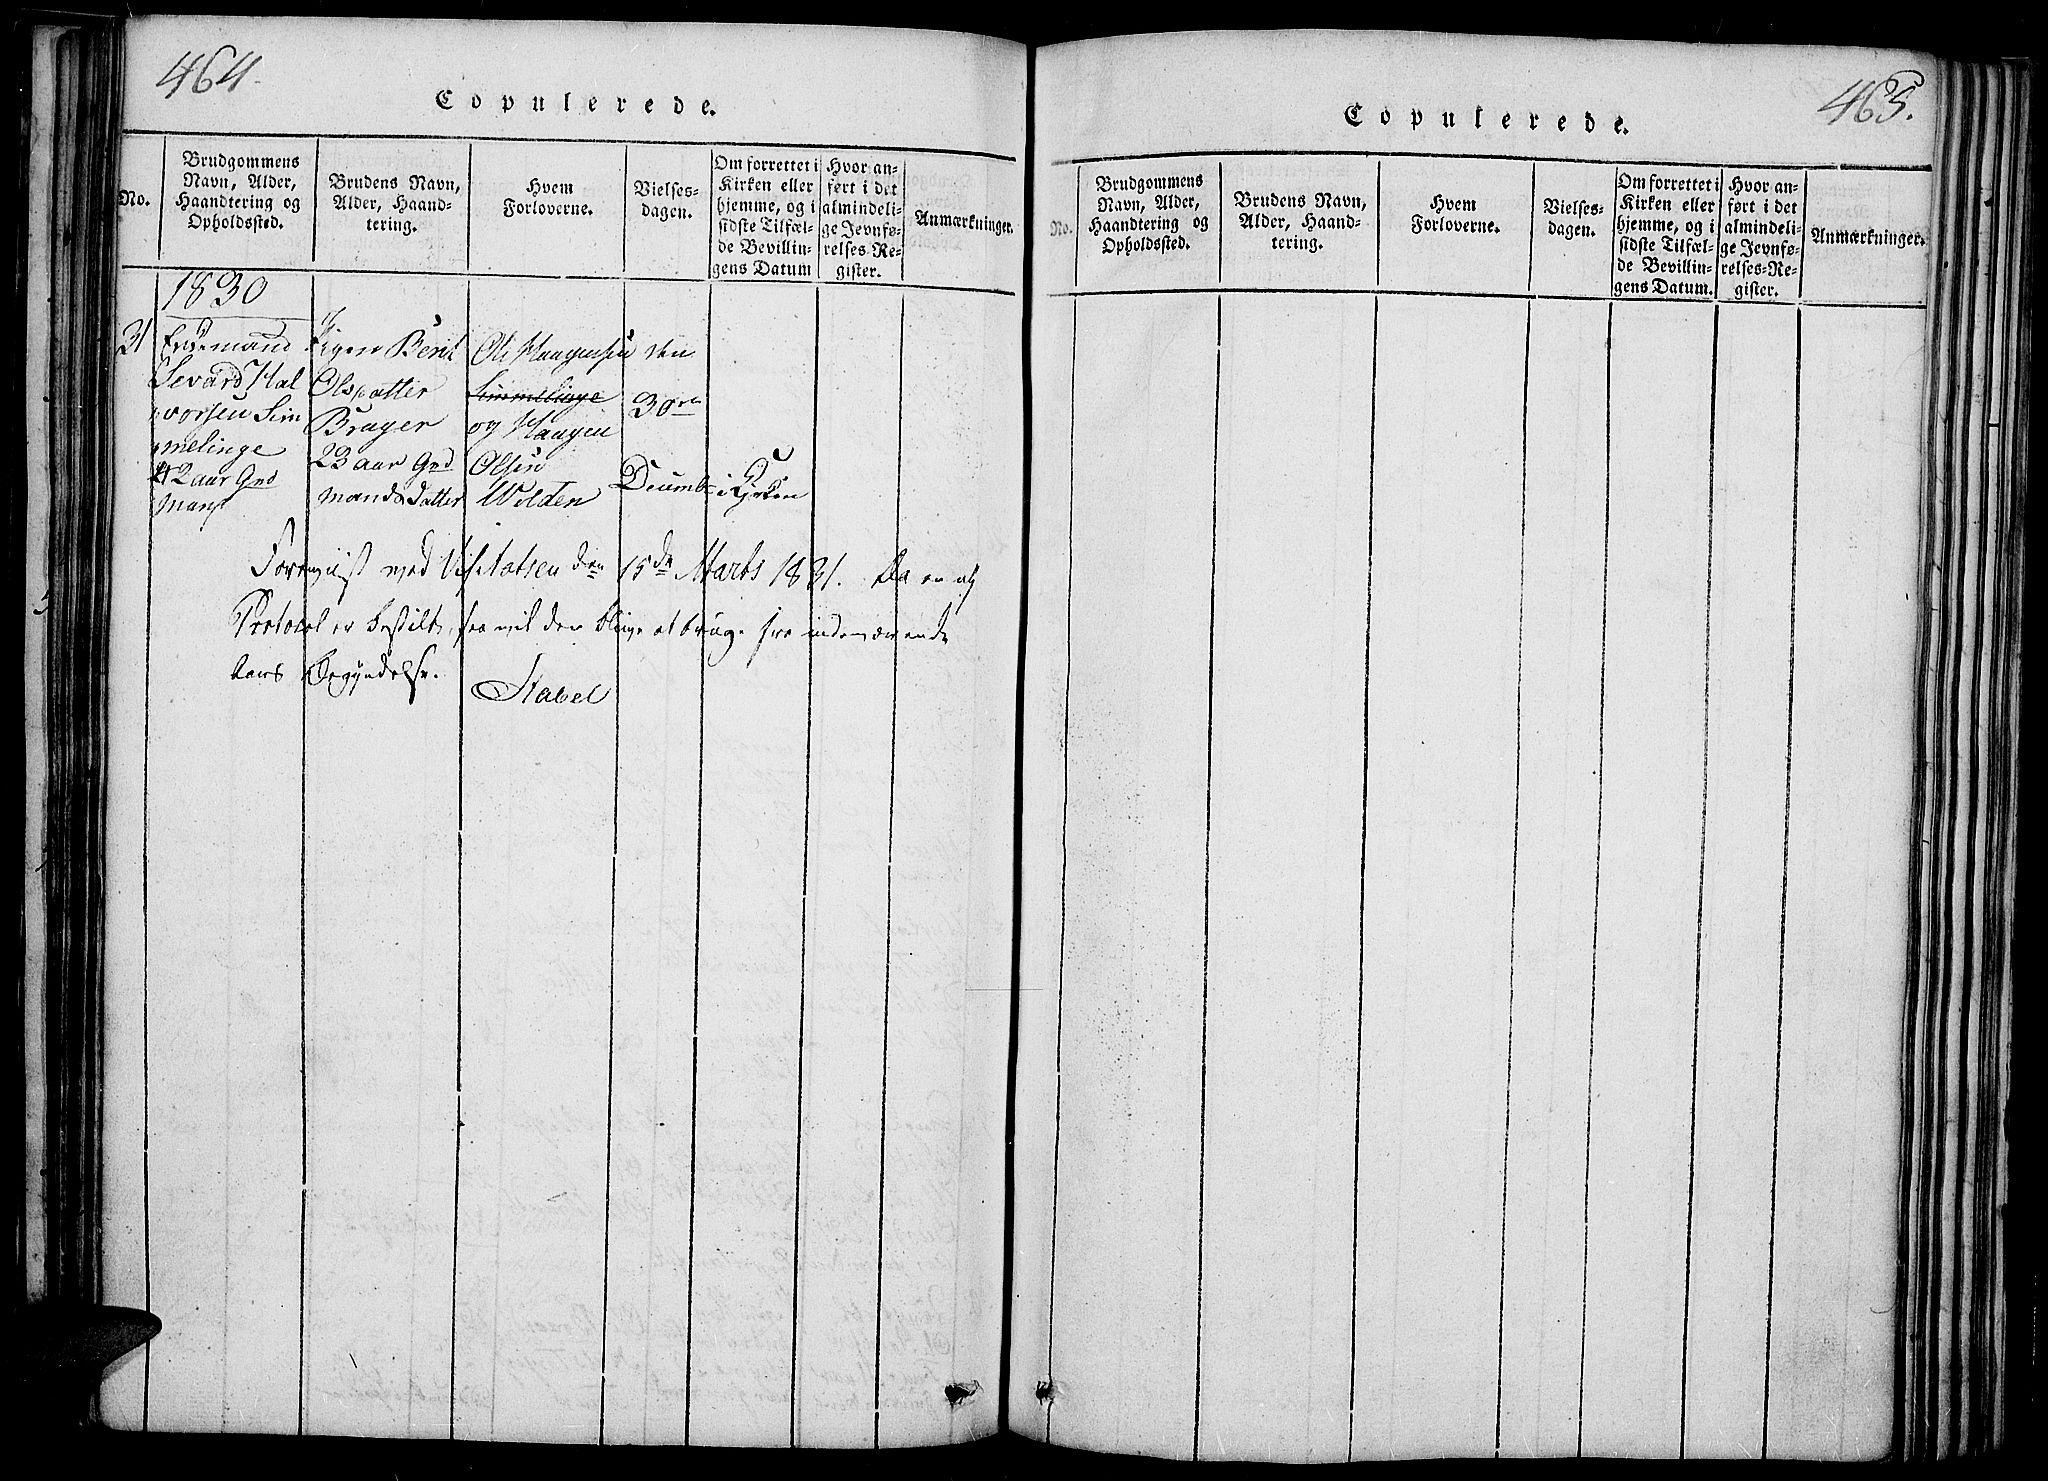 SAH, Slidre prestekontor, Ministerialbok nr. 2, 1814-1830, s. 464-465